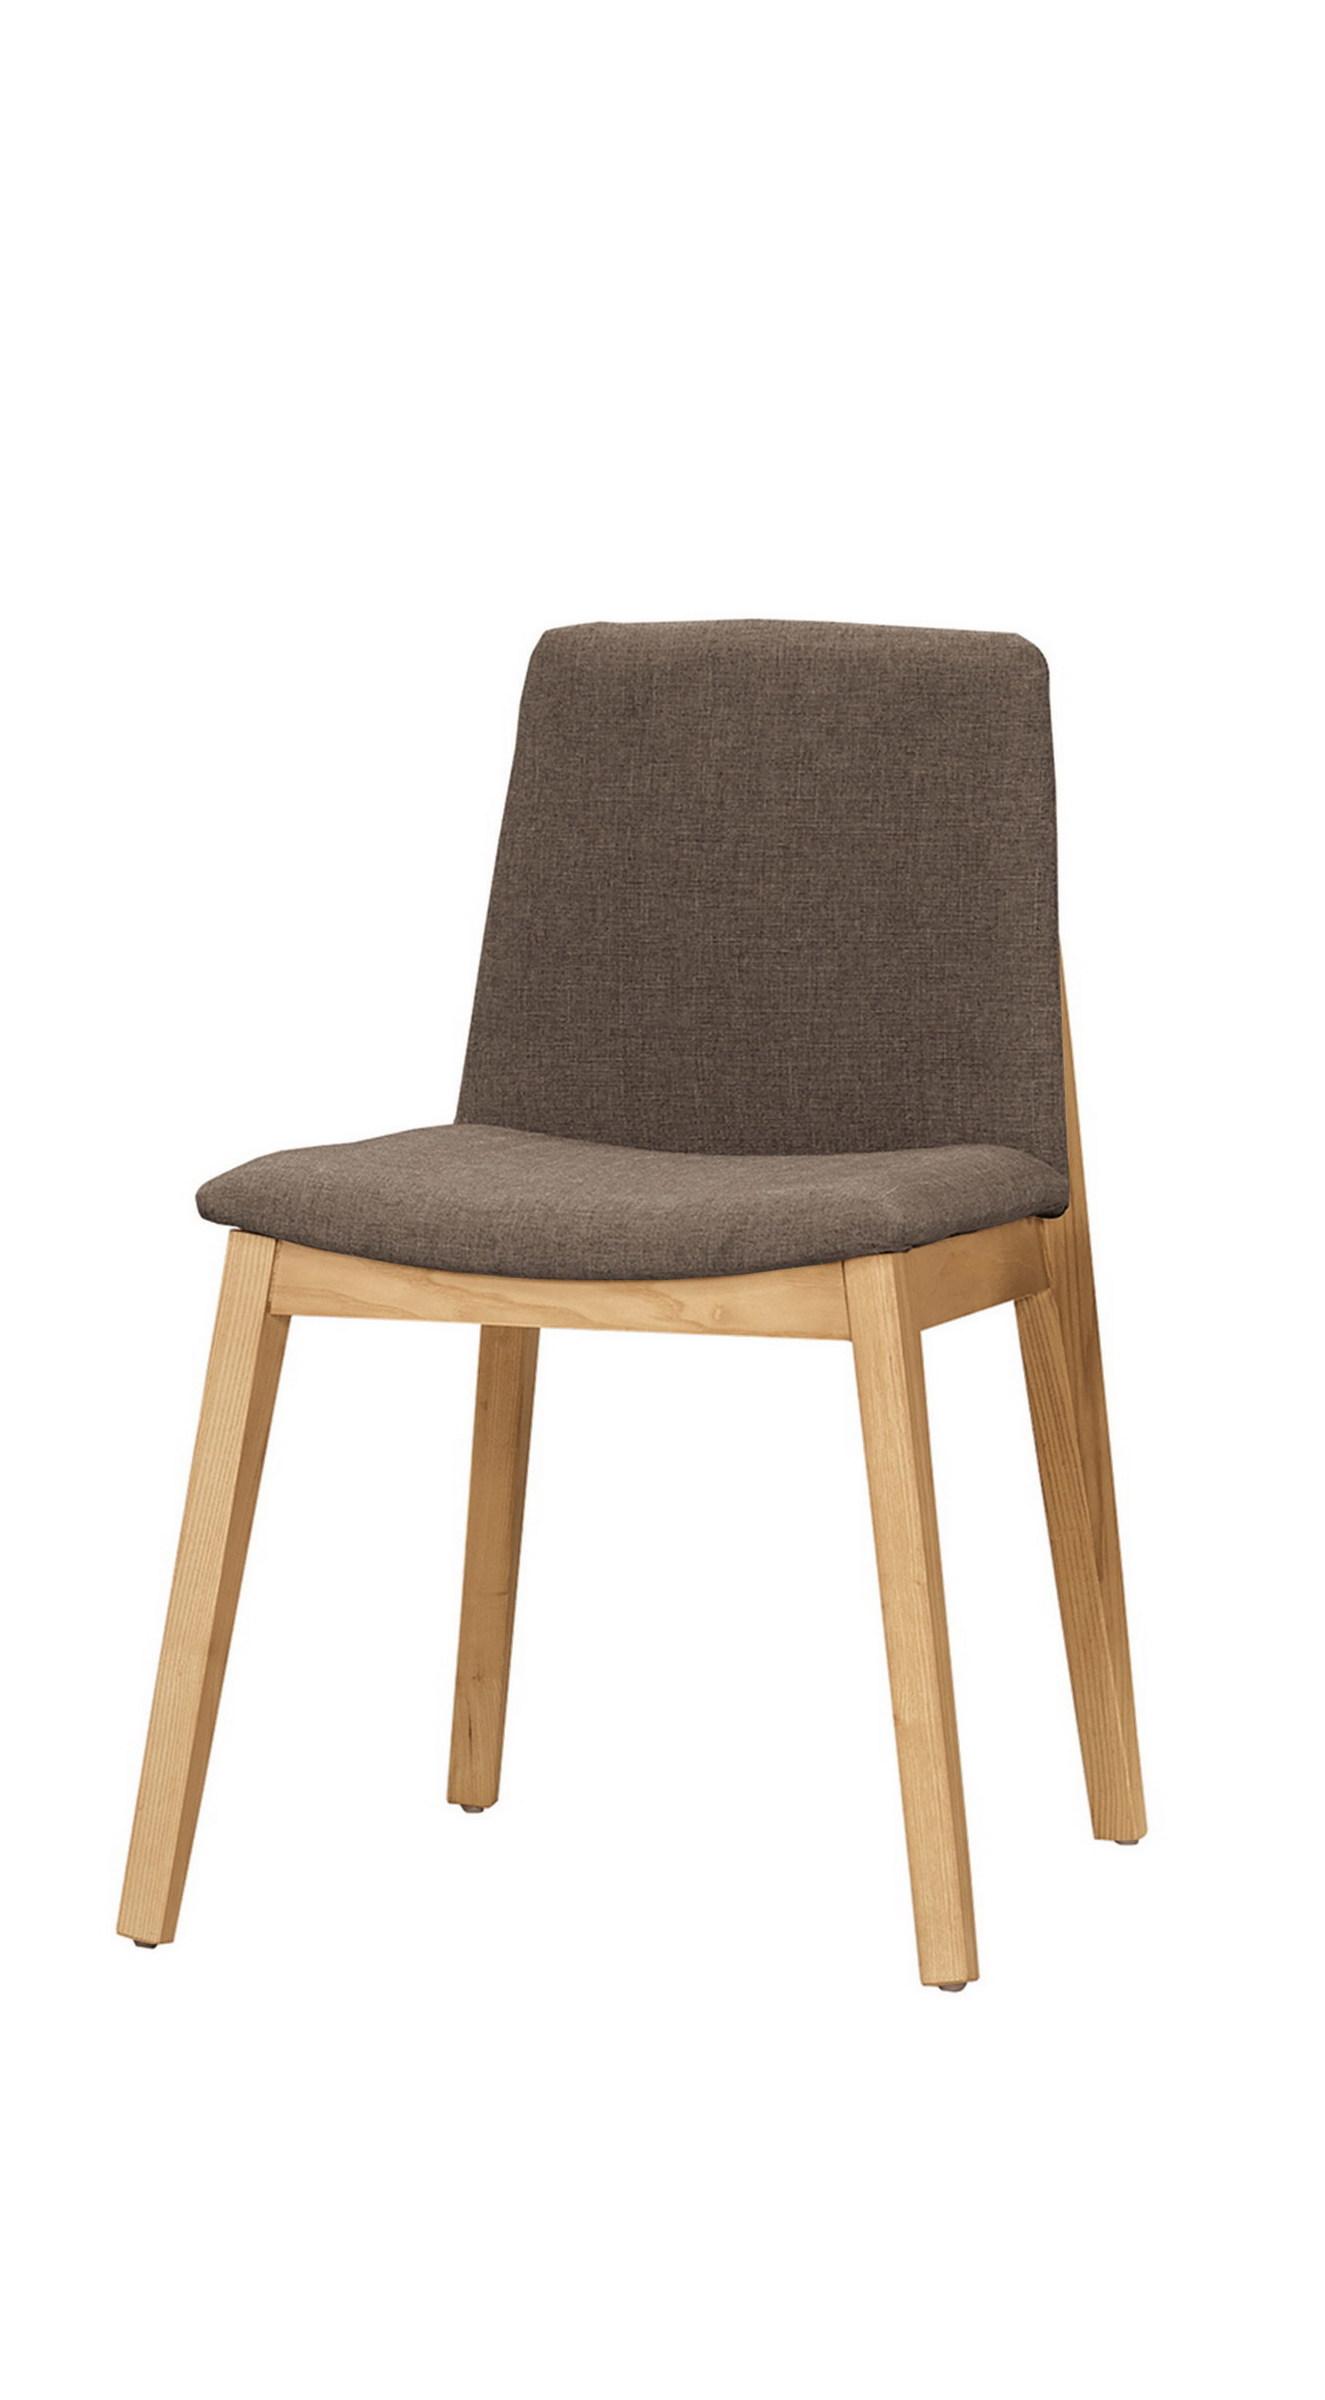 515-7 科瑞恩餐椅(布).jpg